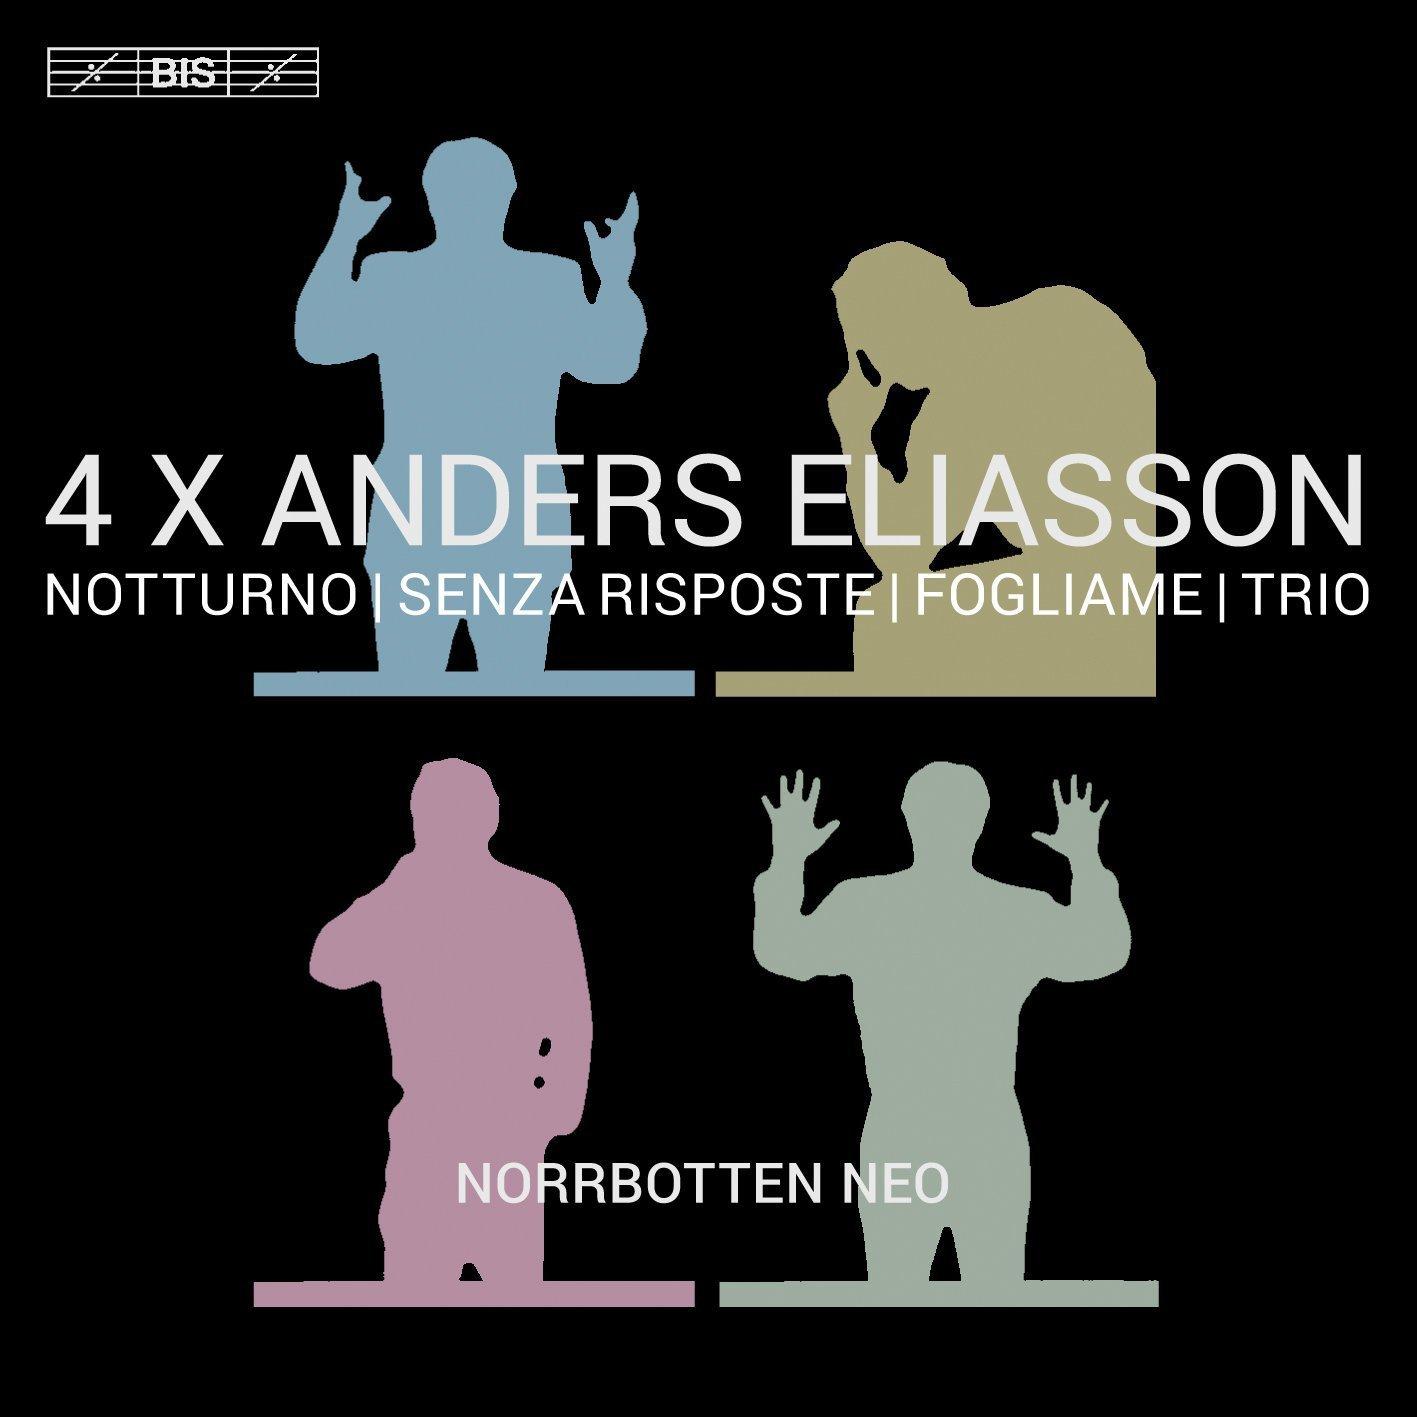 SACD : ELIASSON,A. - 4 X Anders Eliasson (Hybrid SACD)